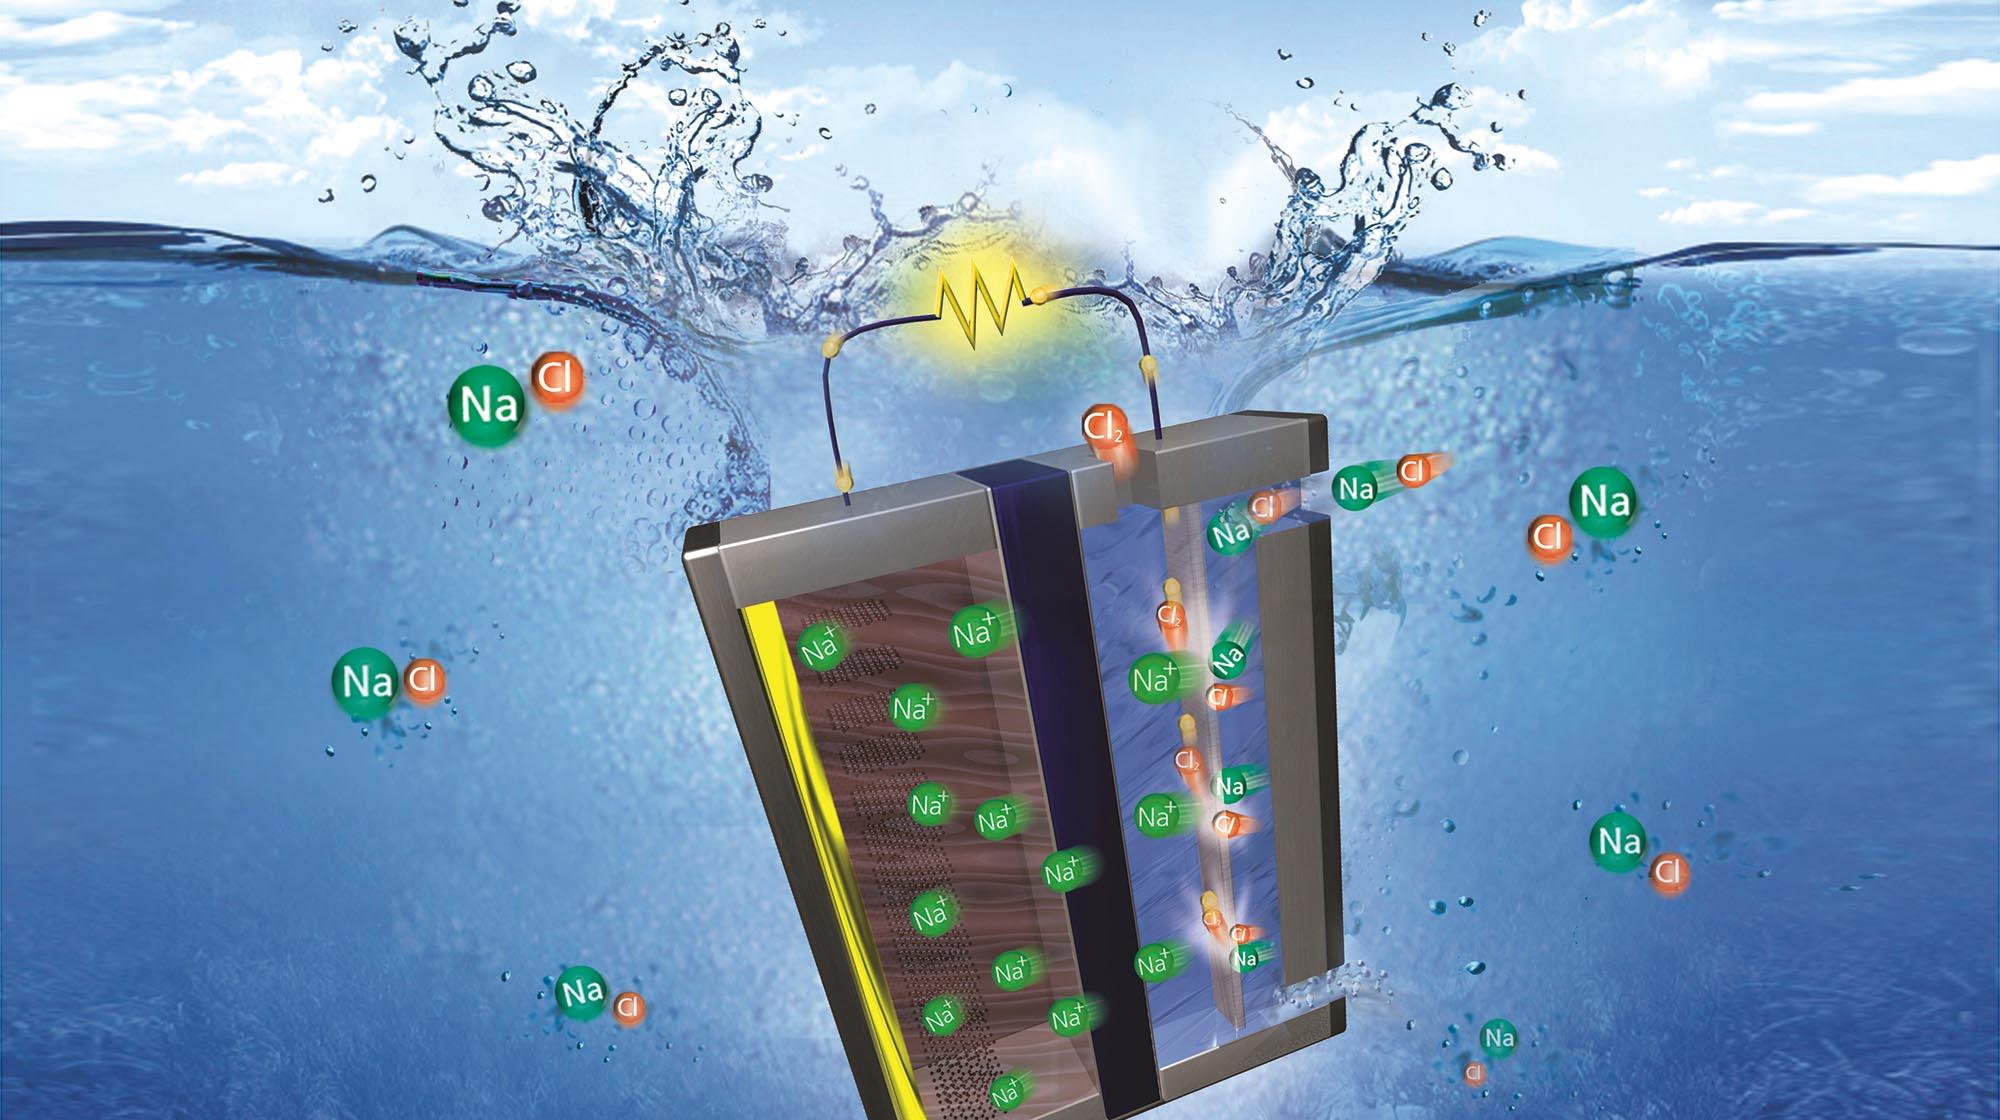 해수전지는 바닷물에 녹아 있는 소듐을 이용해 전기 에너지를 저장하는 장치다. 소듐이 양극과 음극을 오가며 전기에너지를 발생시키거나 저장한다.